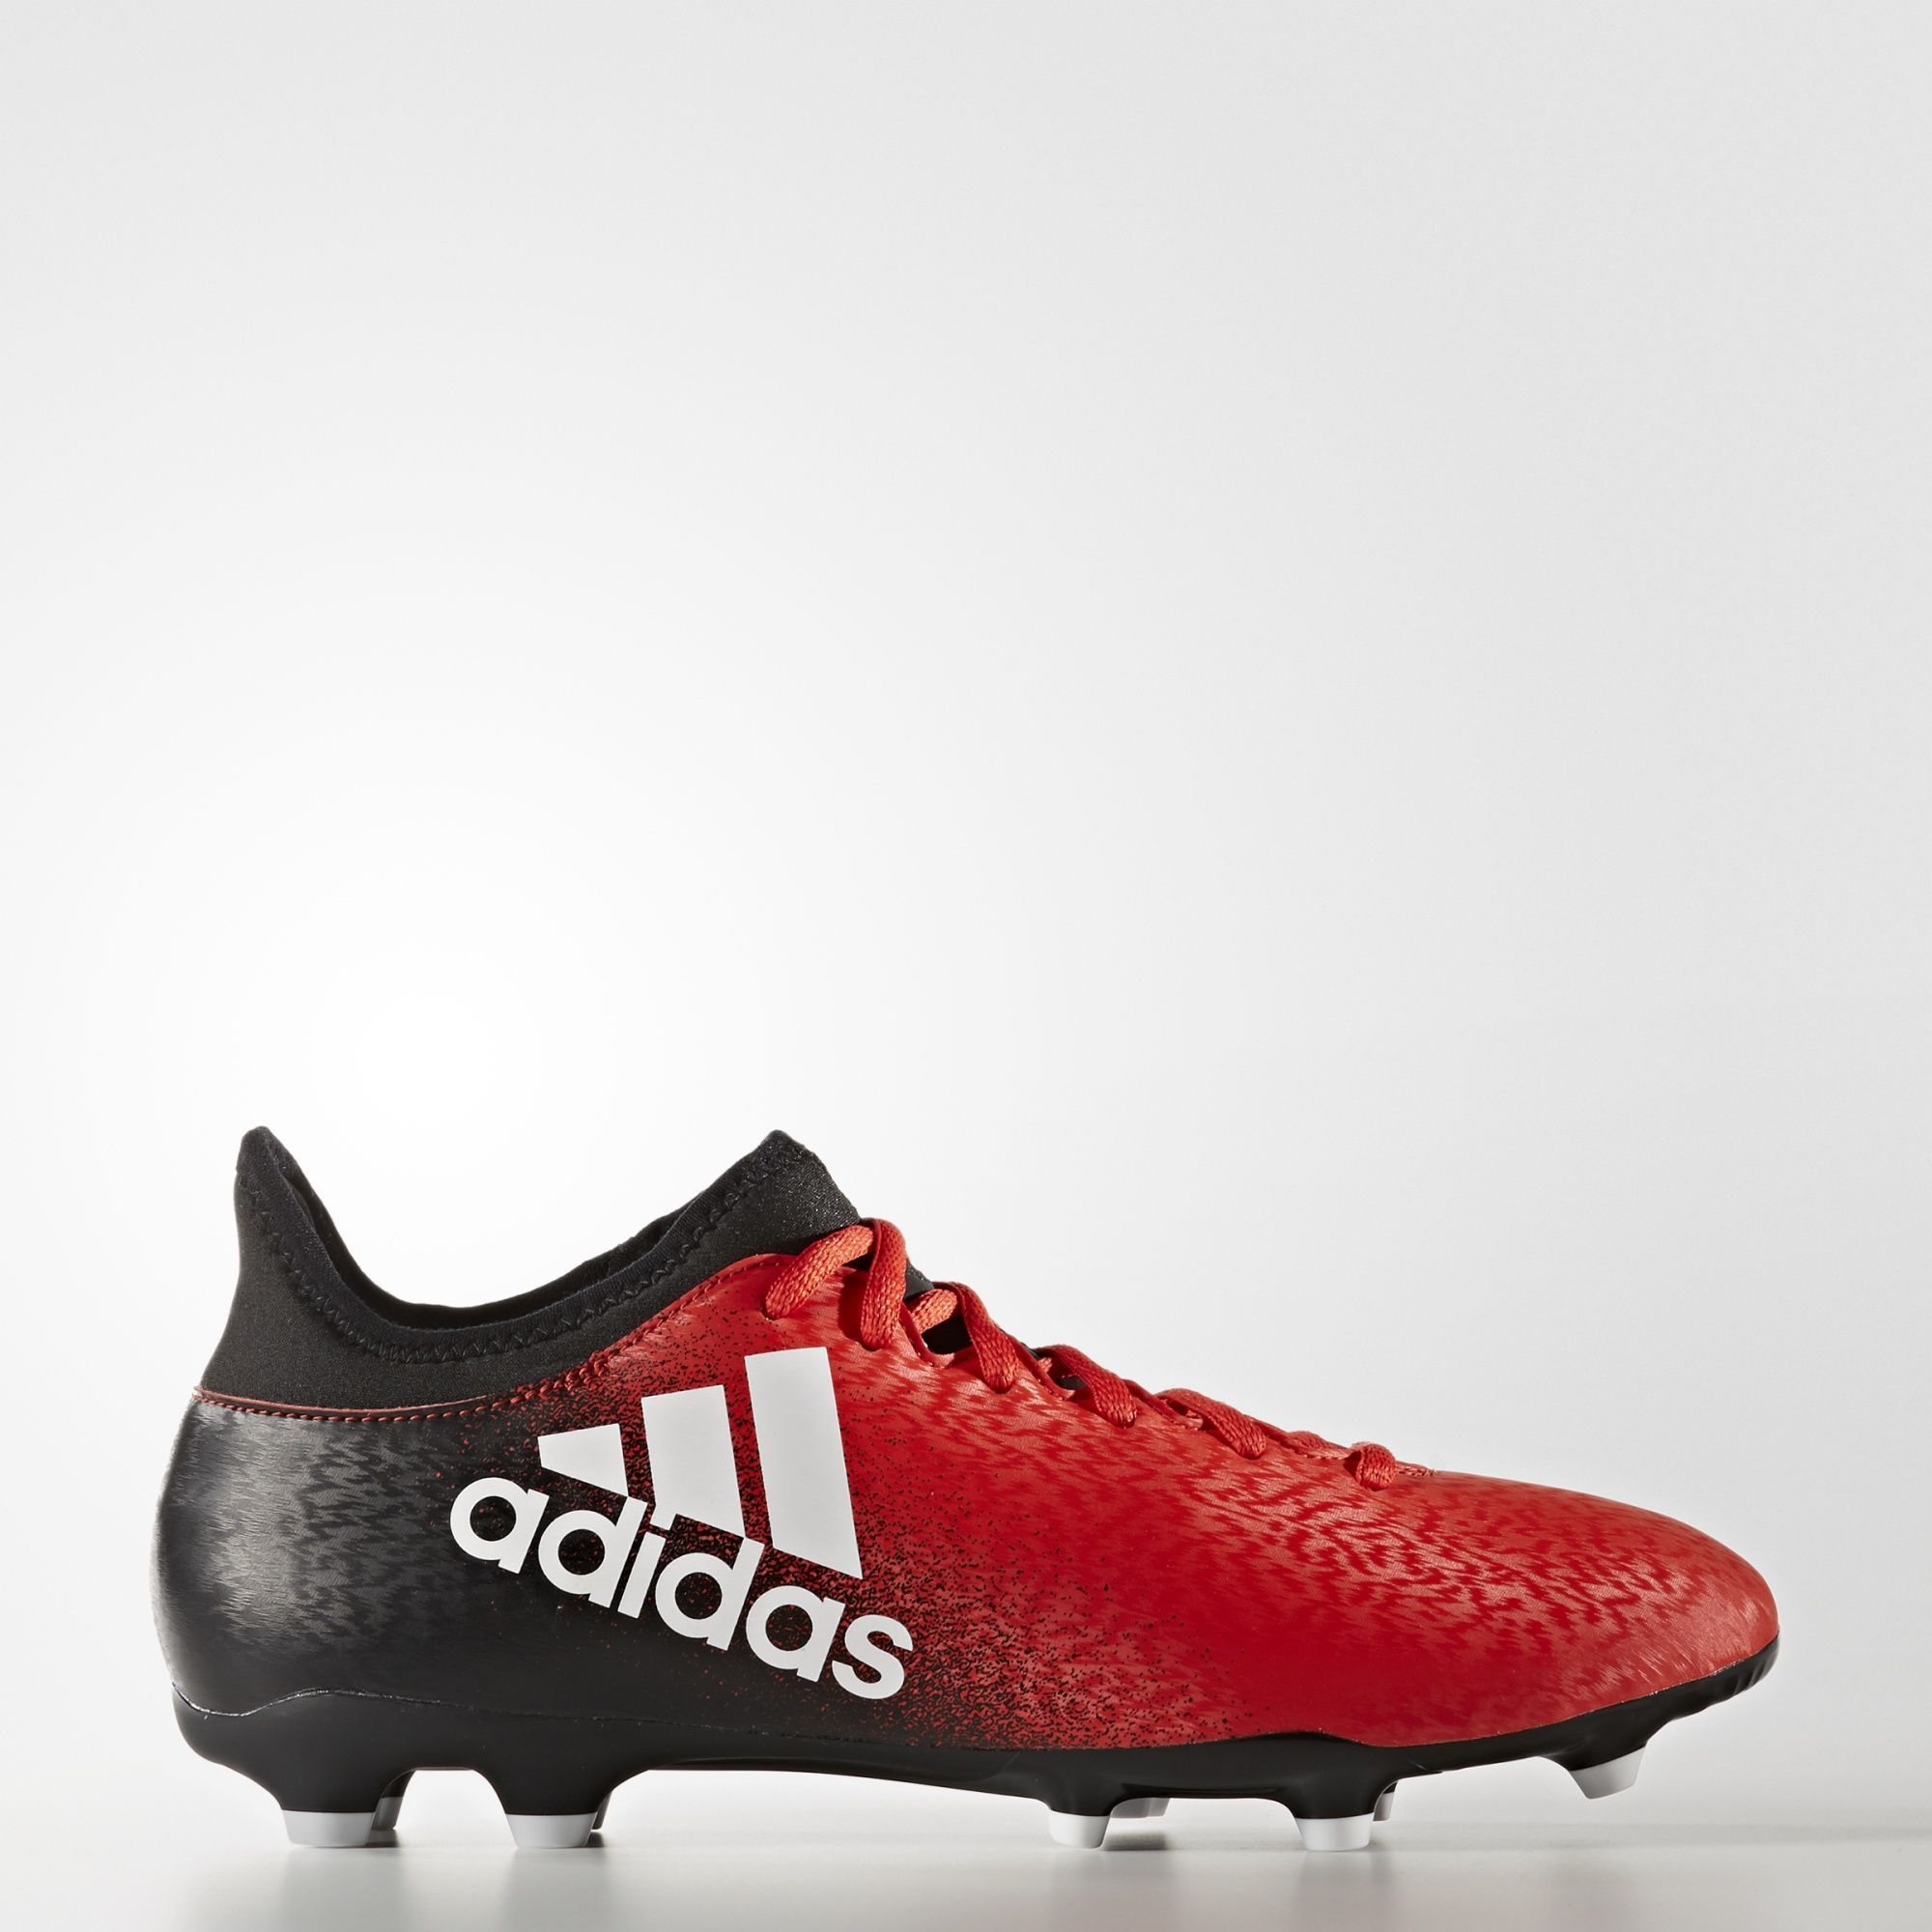 3b9093d65b8 Football Boots, Cleats, Soccer, Soccer Shoes, Tennis, Hs Football, Football